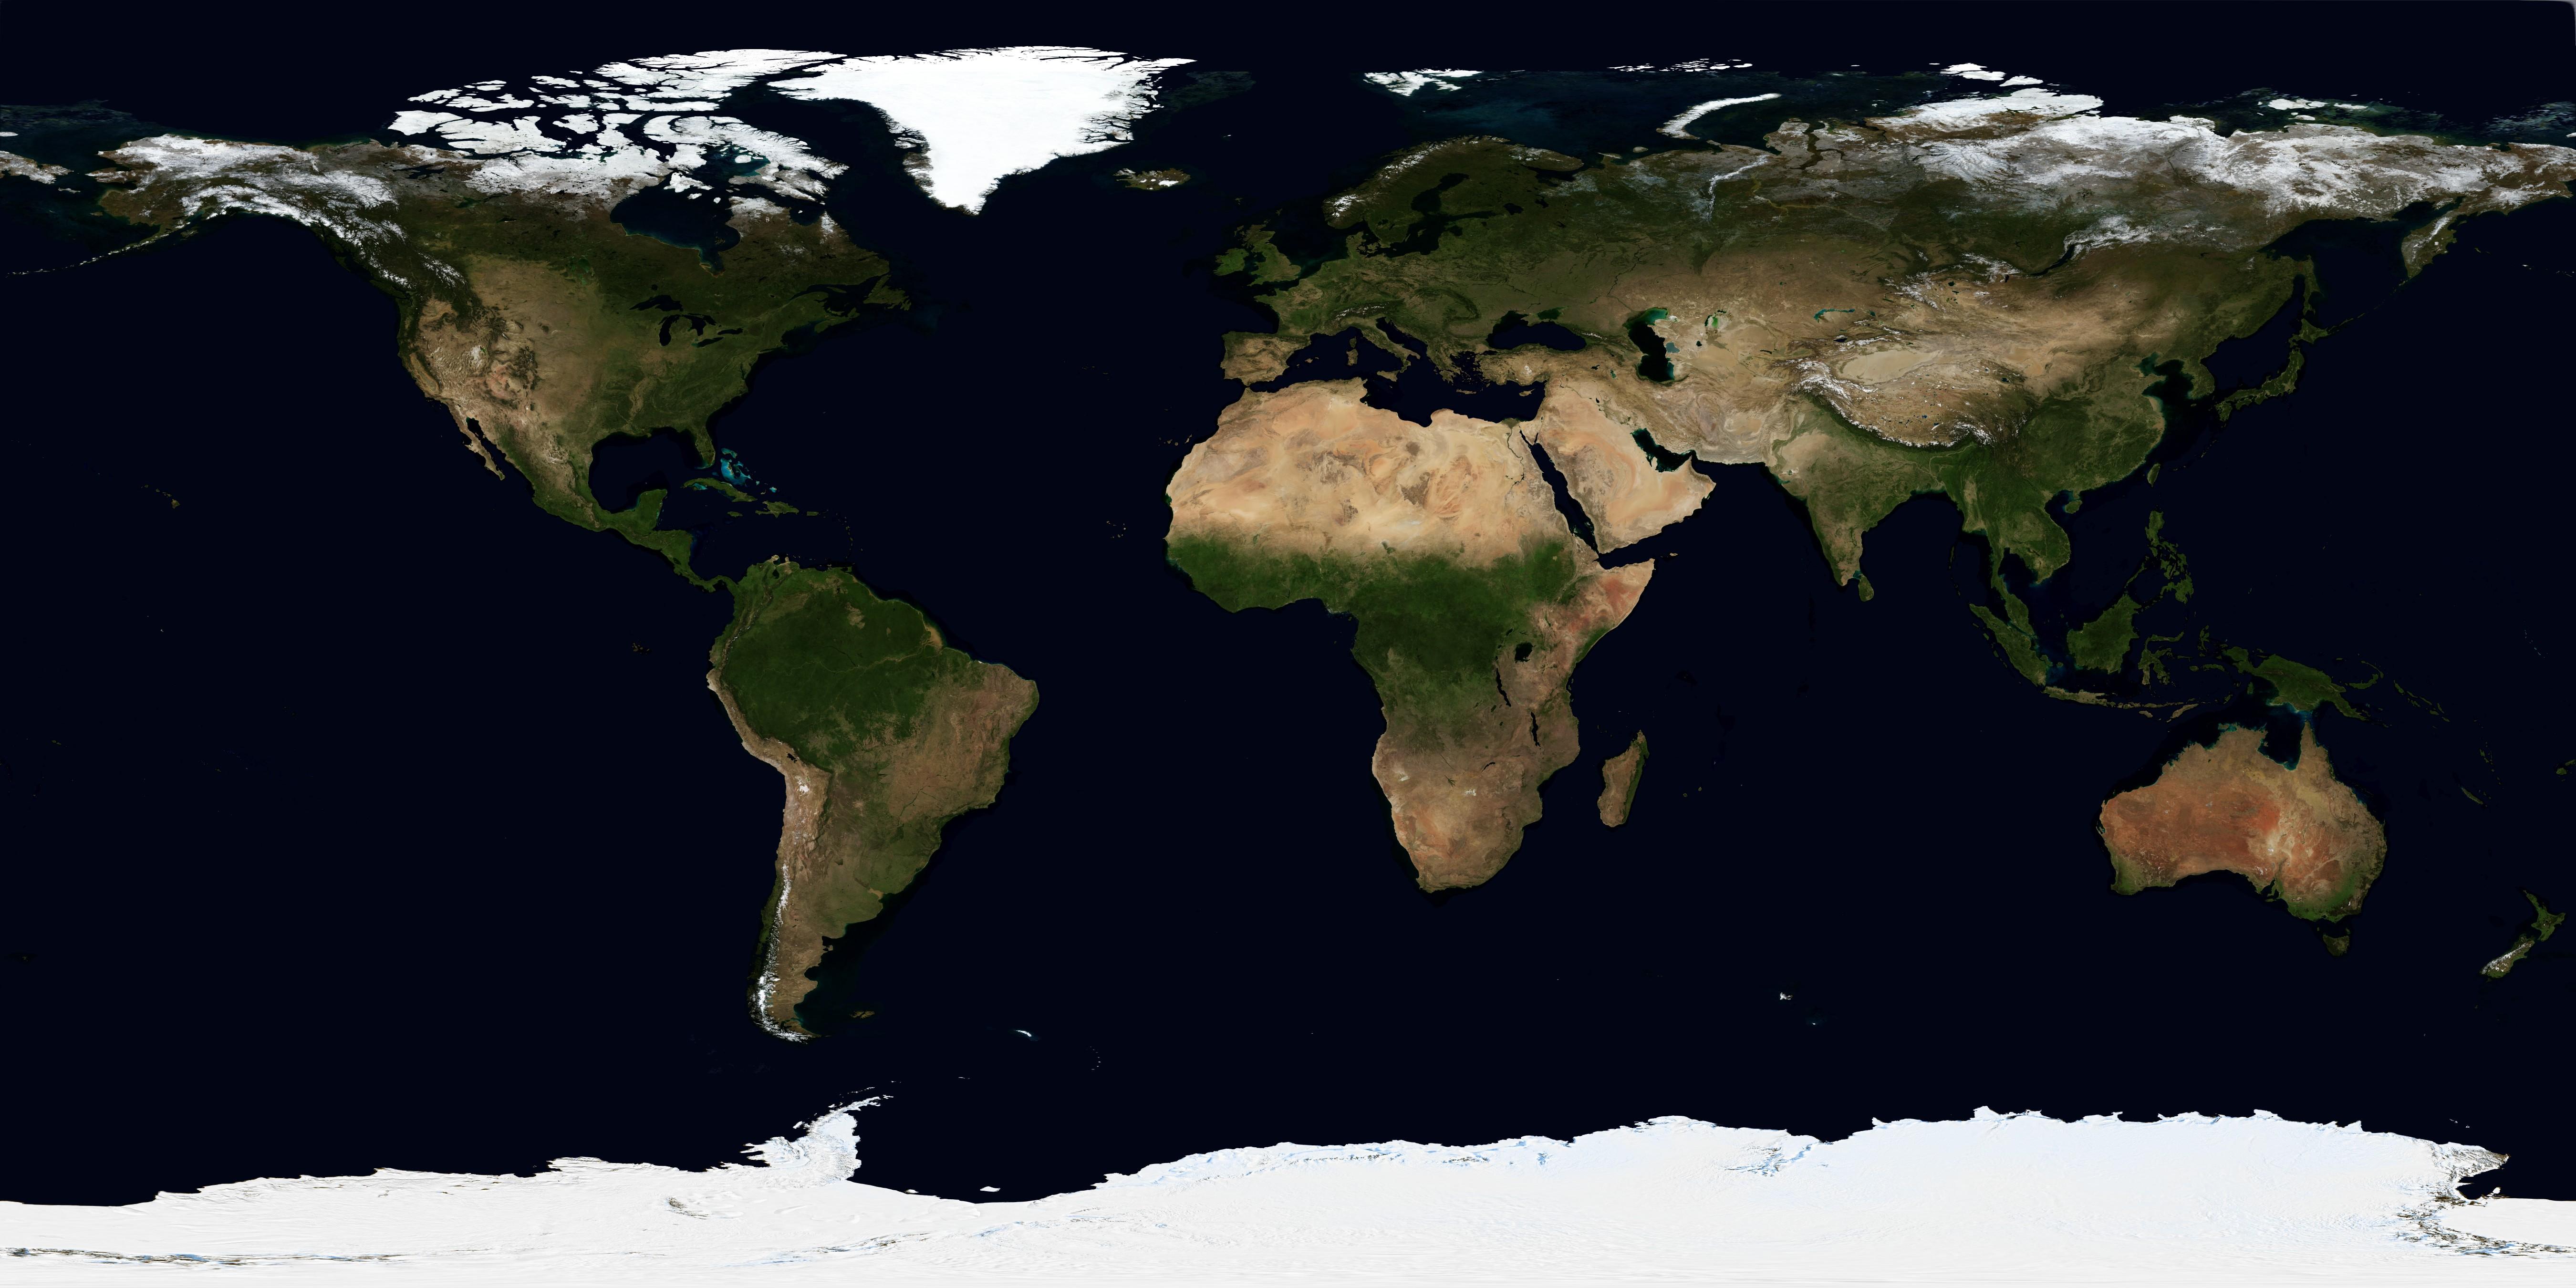 world-map-nasa-earth.jpg